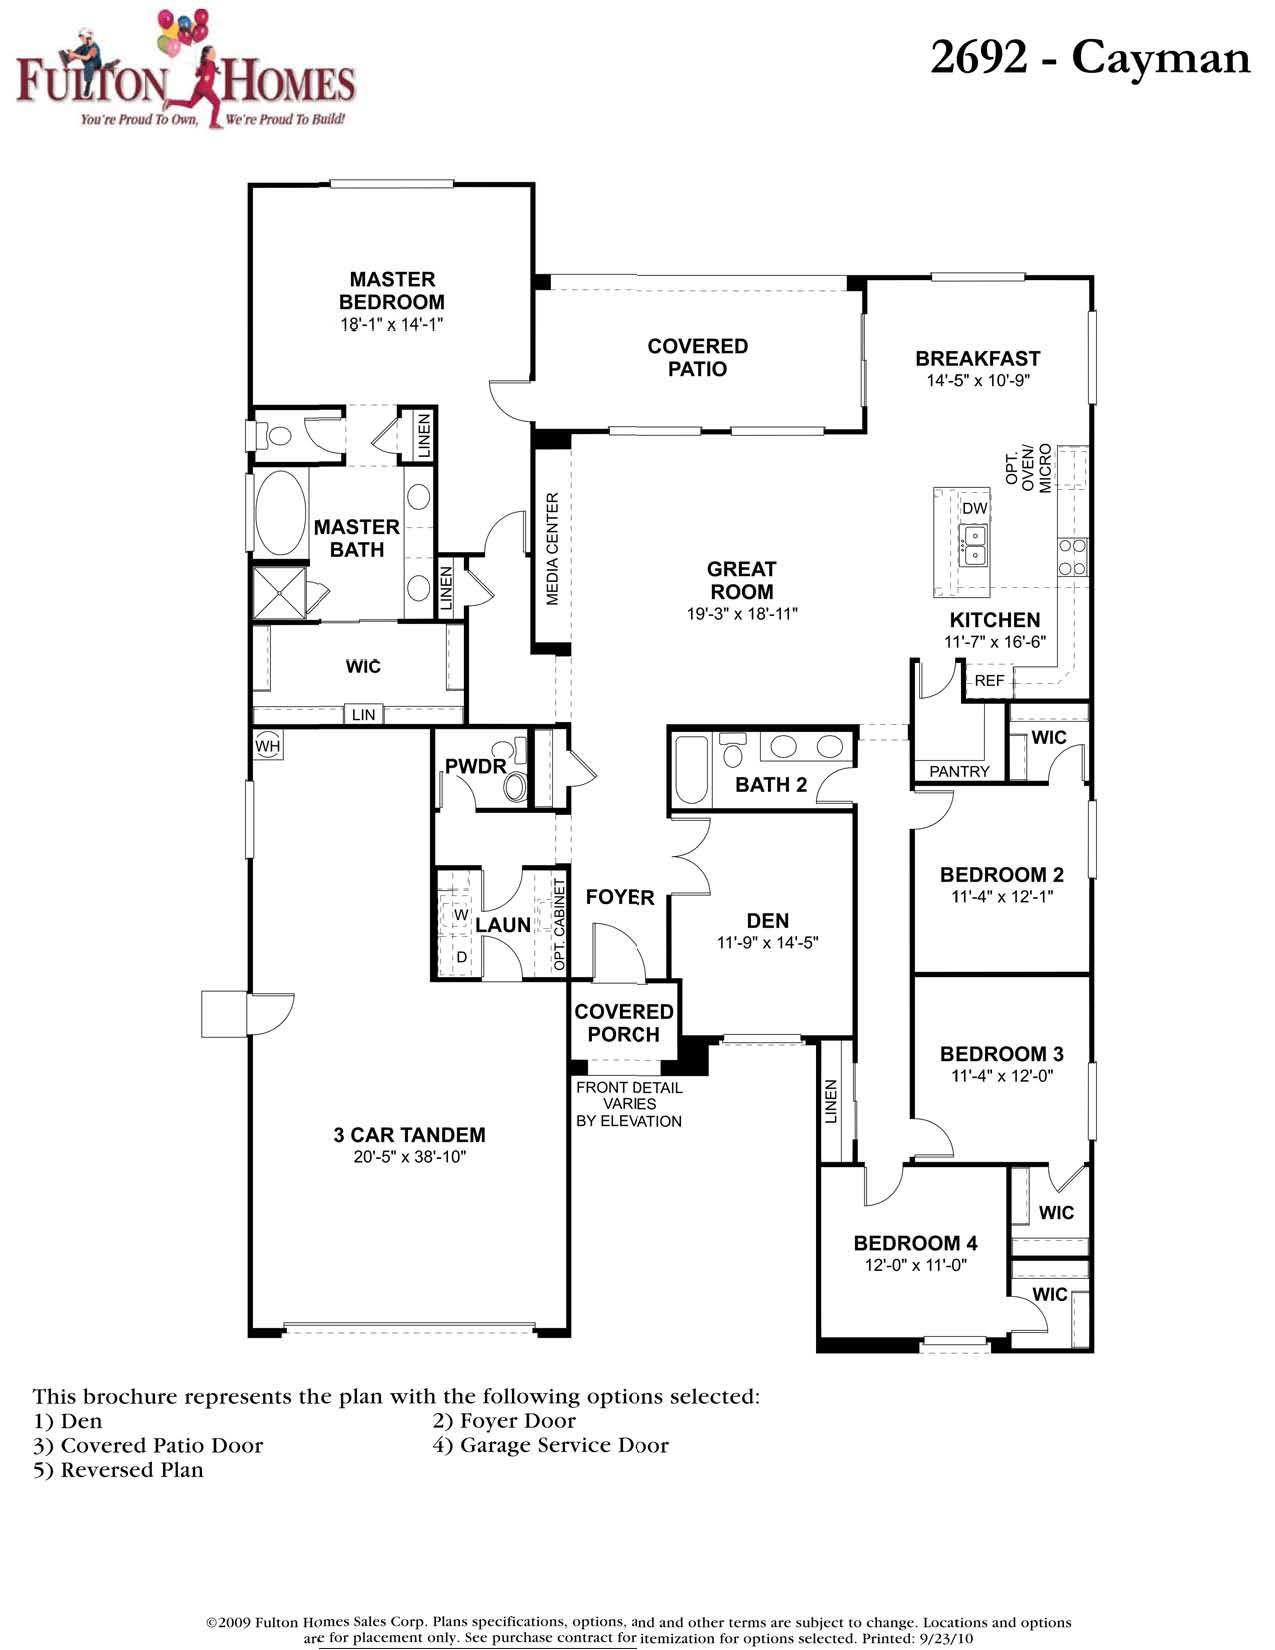 Pz c plan maison for Plans de maison